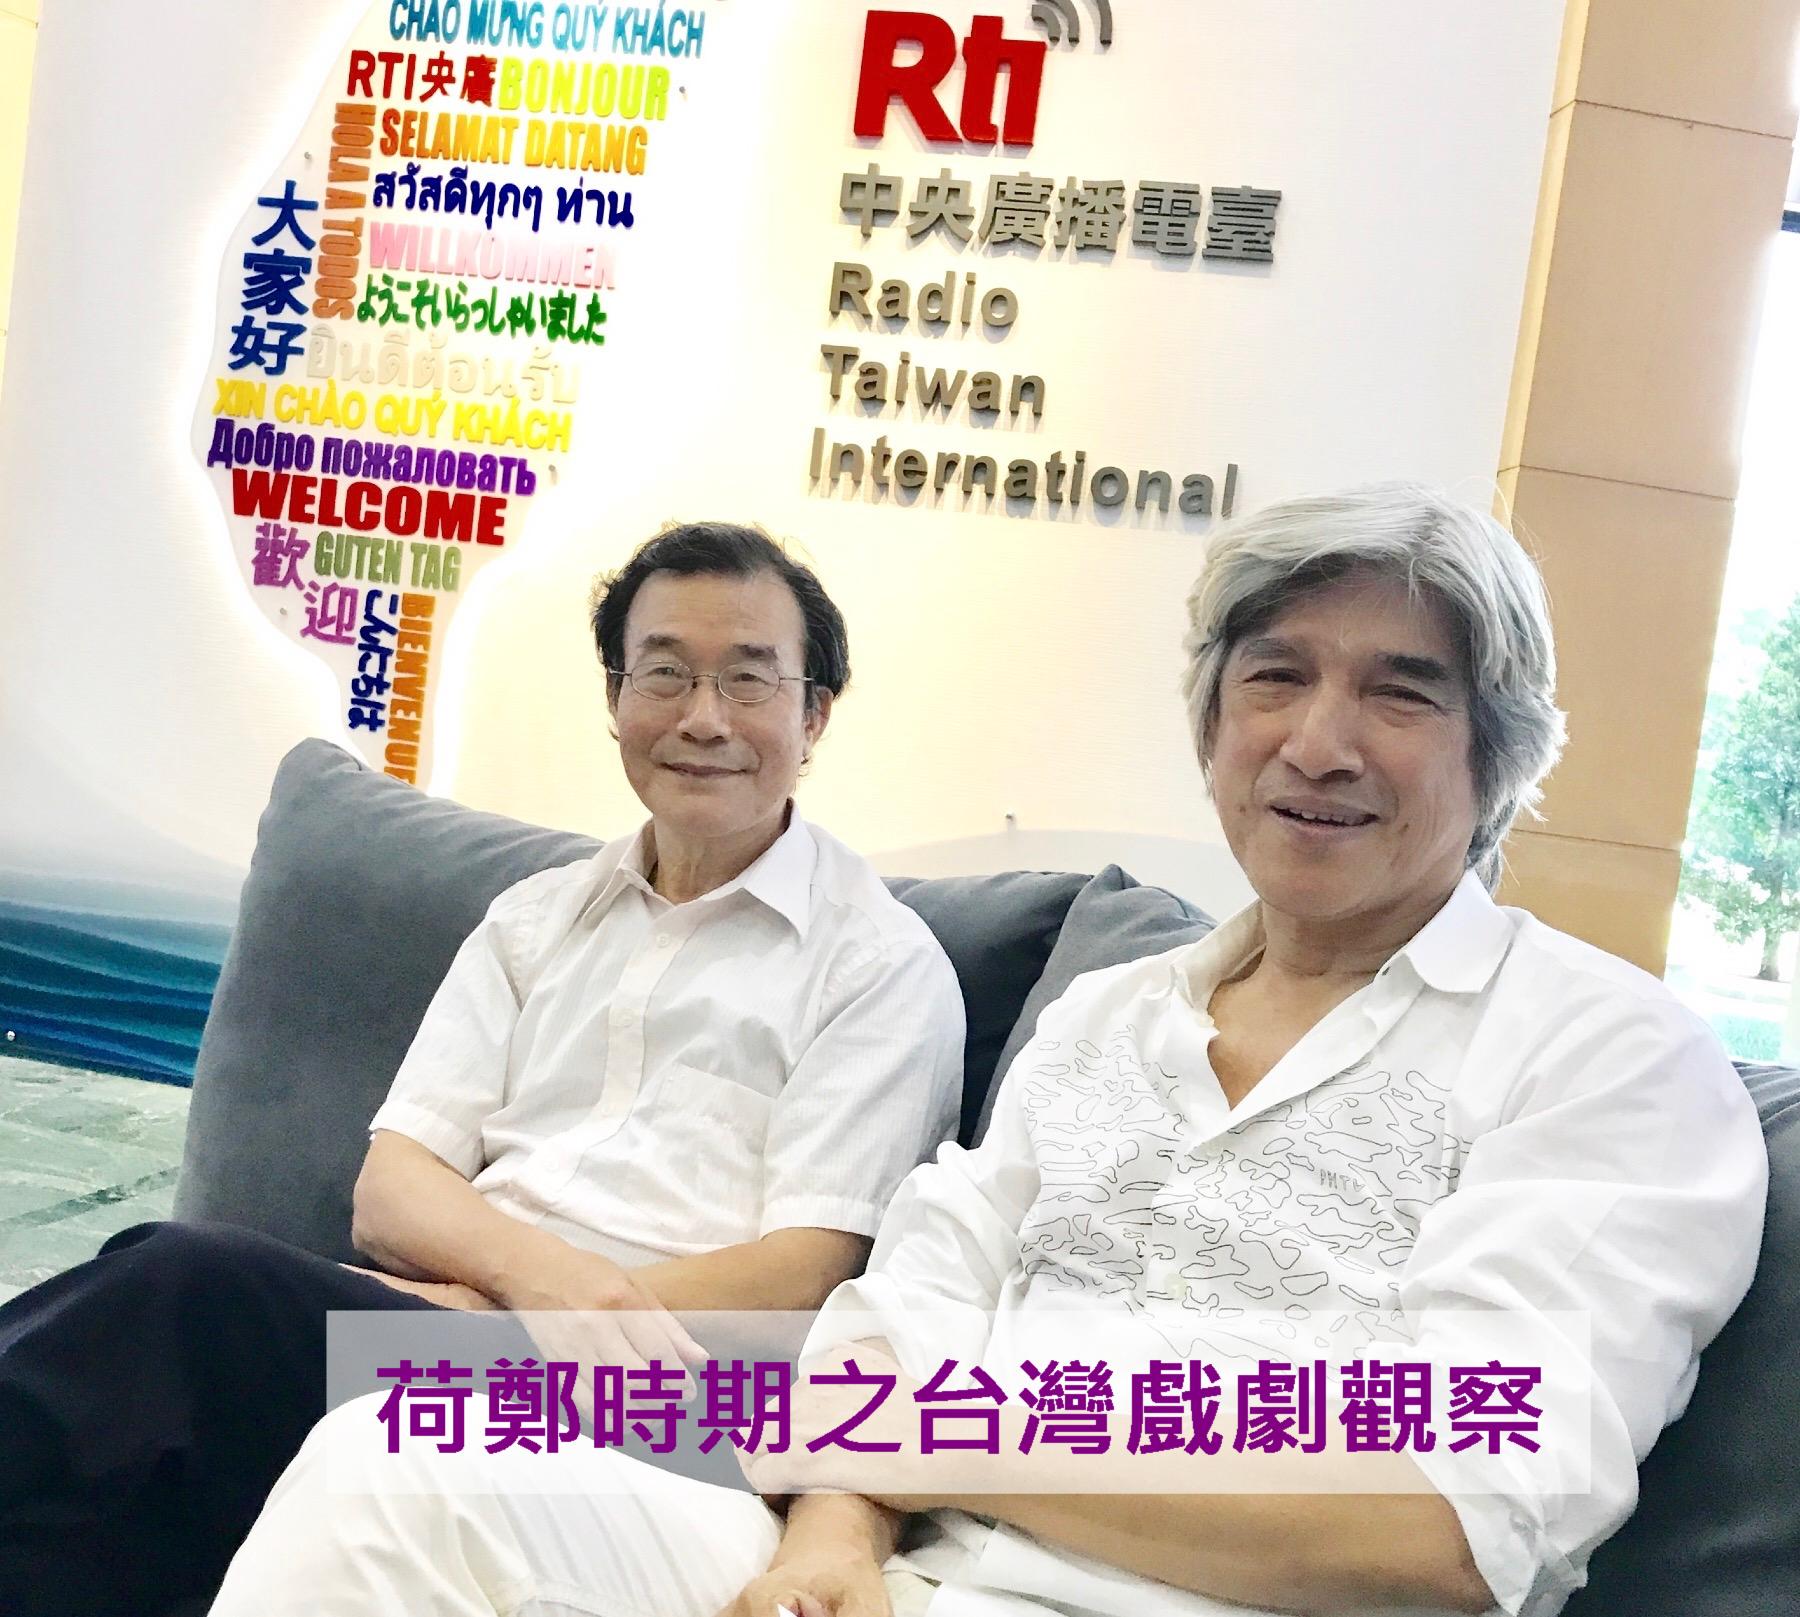 荷鄭時期的台灣戲劇面向